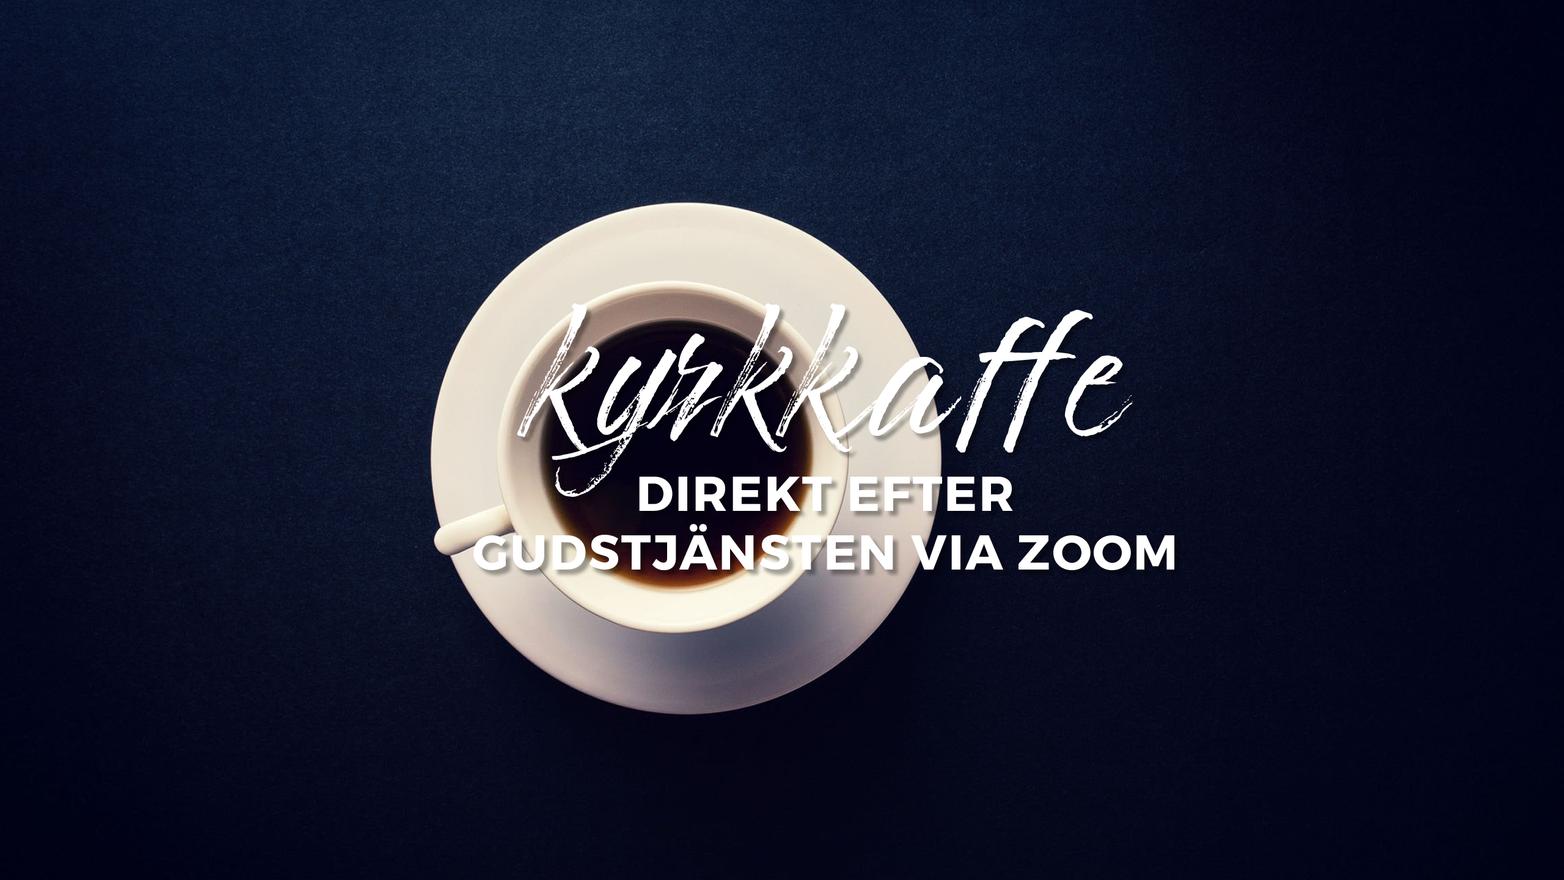 Kyrkkaffe via zoom